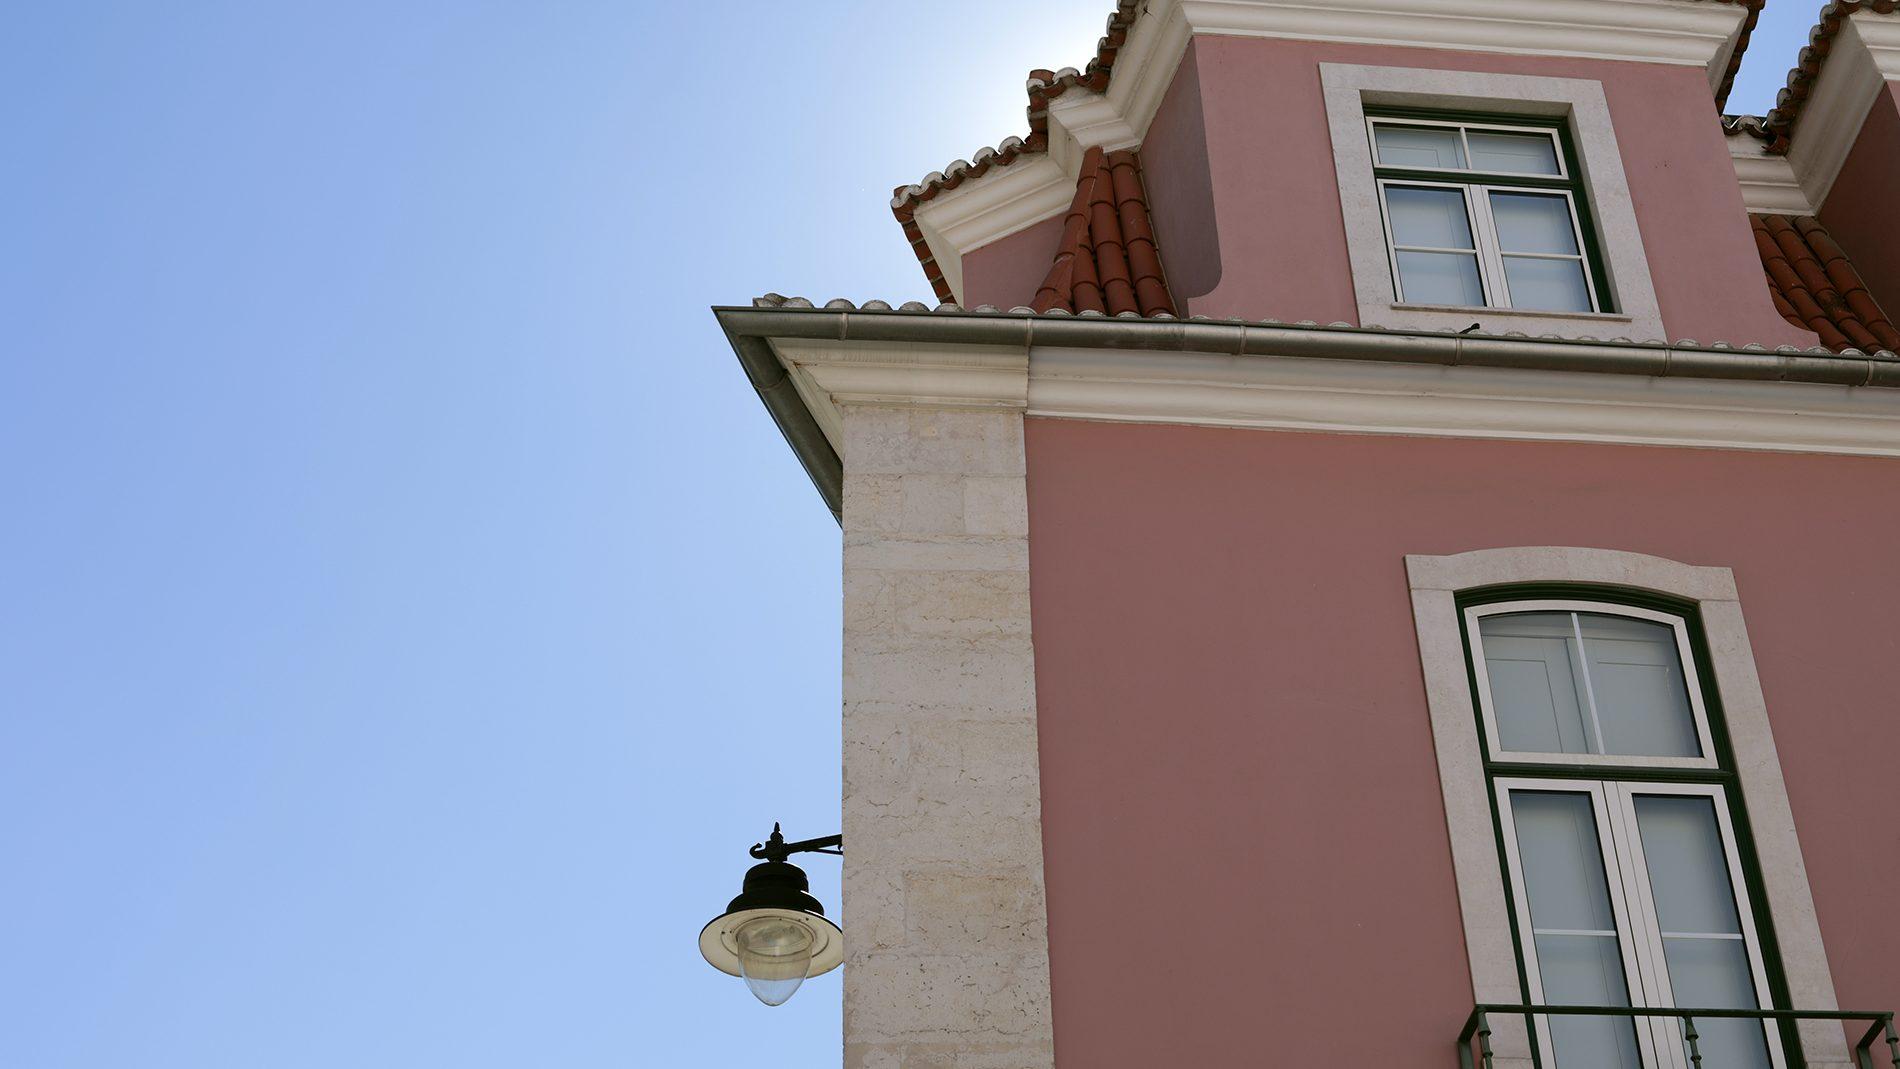 Preços das casas sobe 11,2% no segundo trimestre, mas já dão sinais de abrandamento